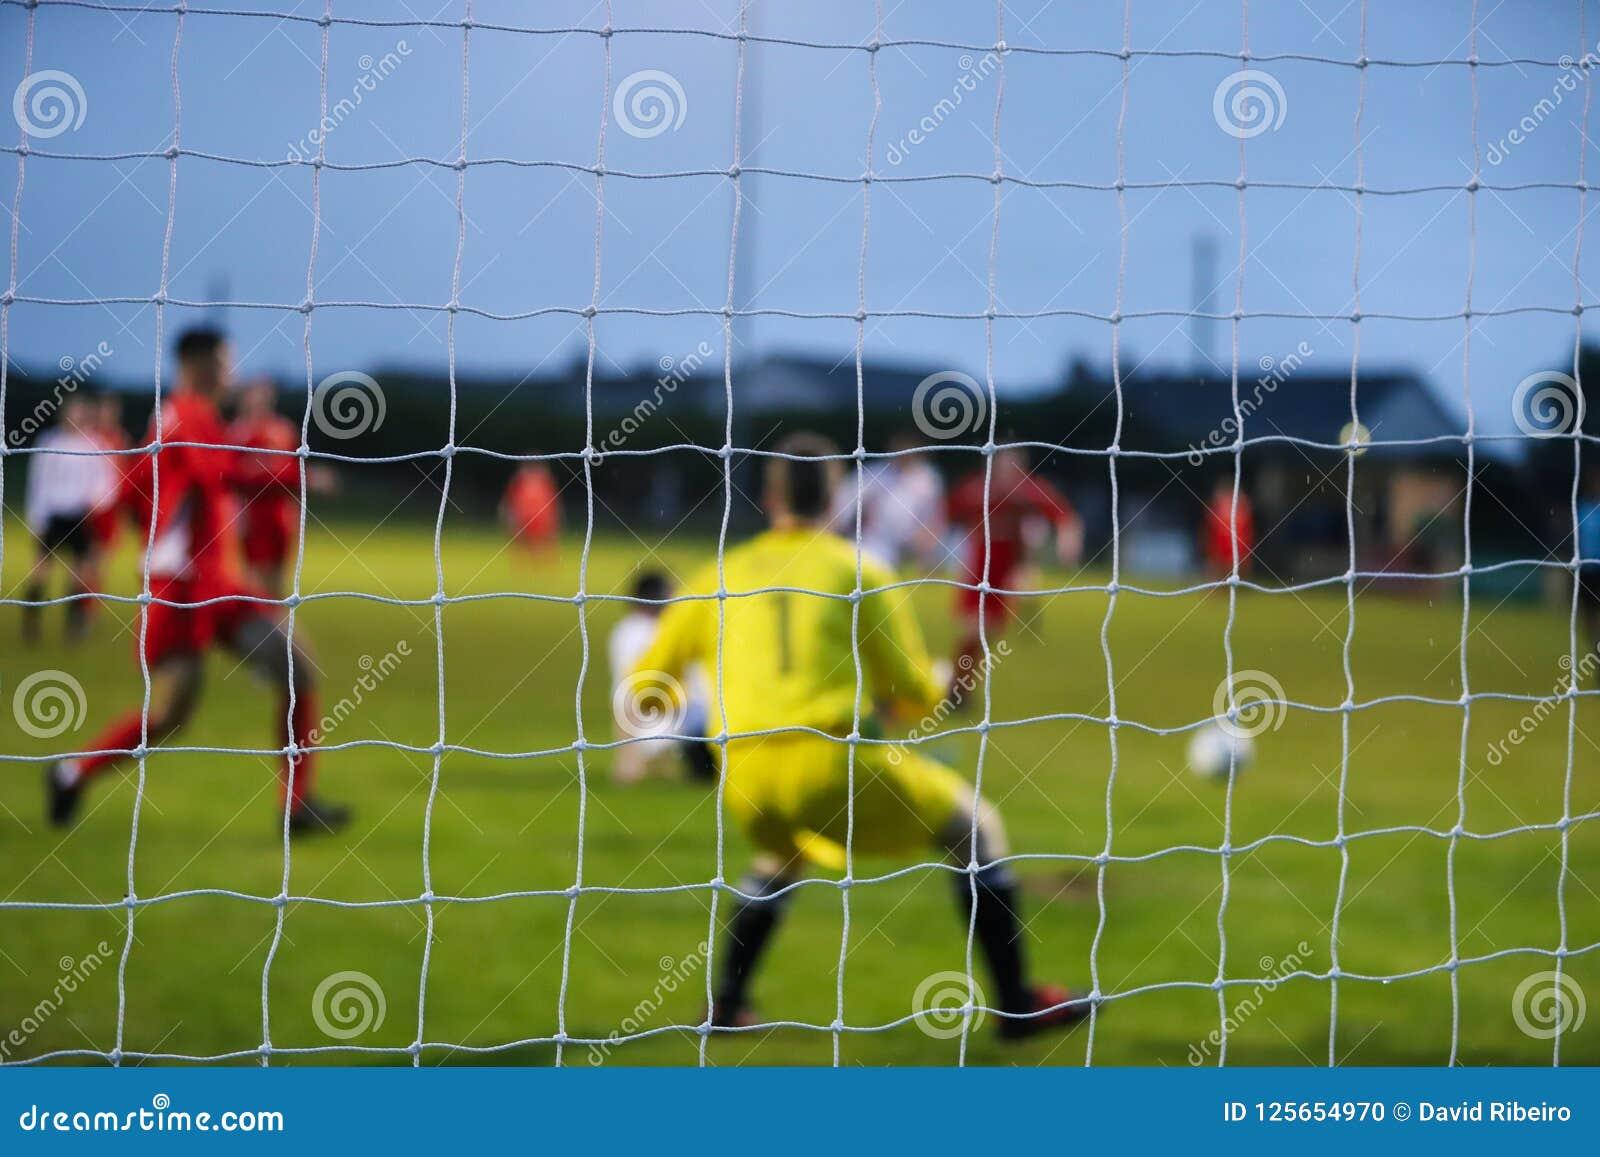 Vue par derrière un but footbal où les joueurs sont hors focale